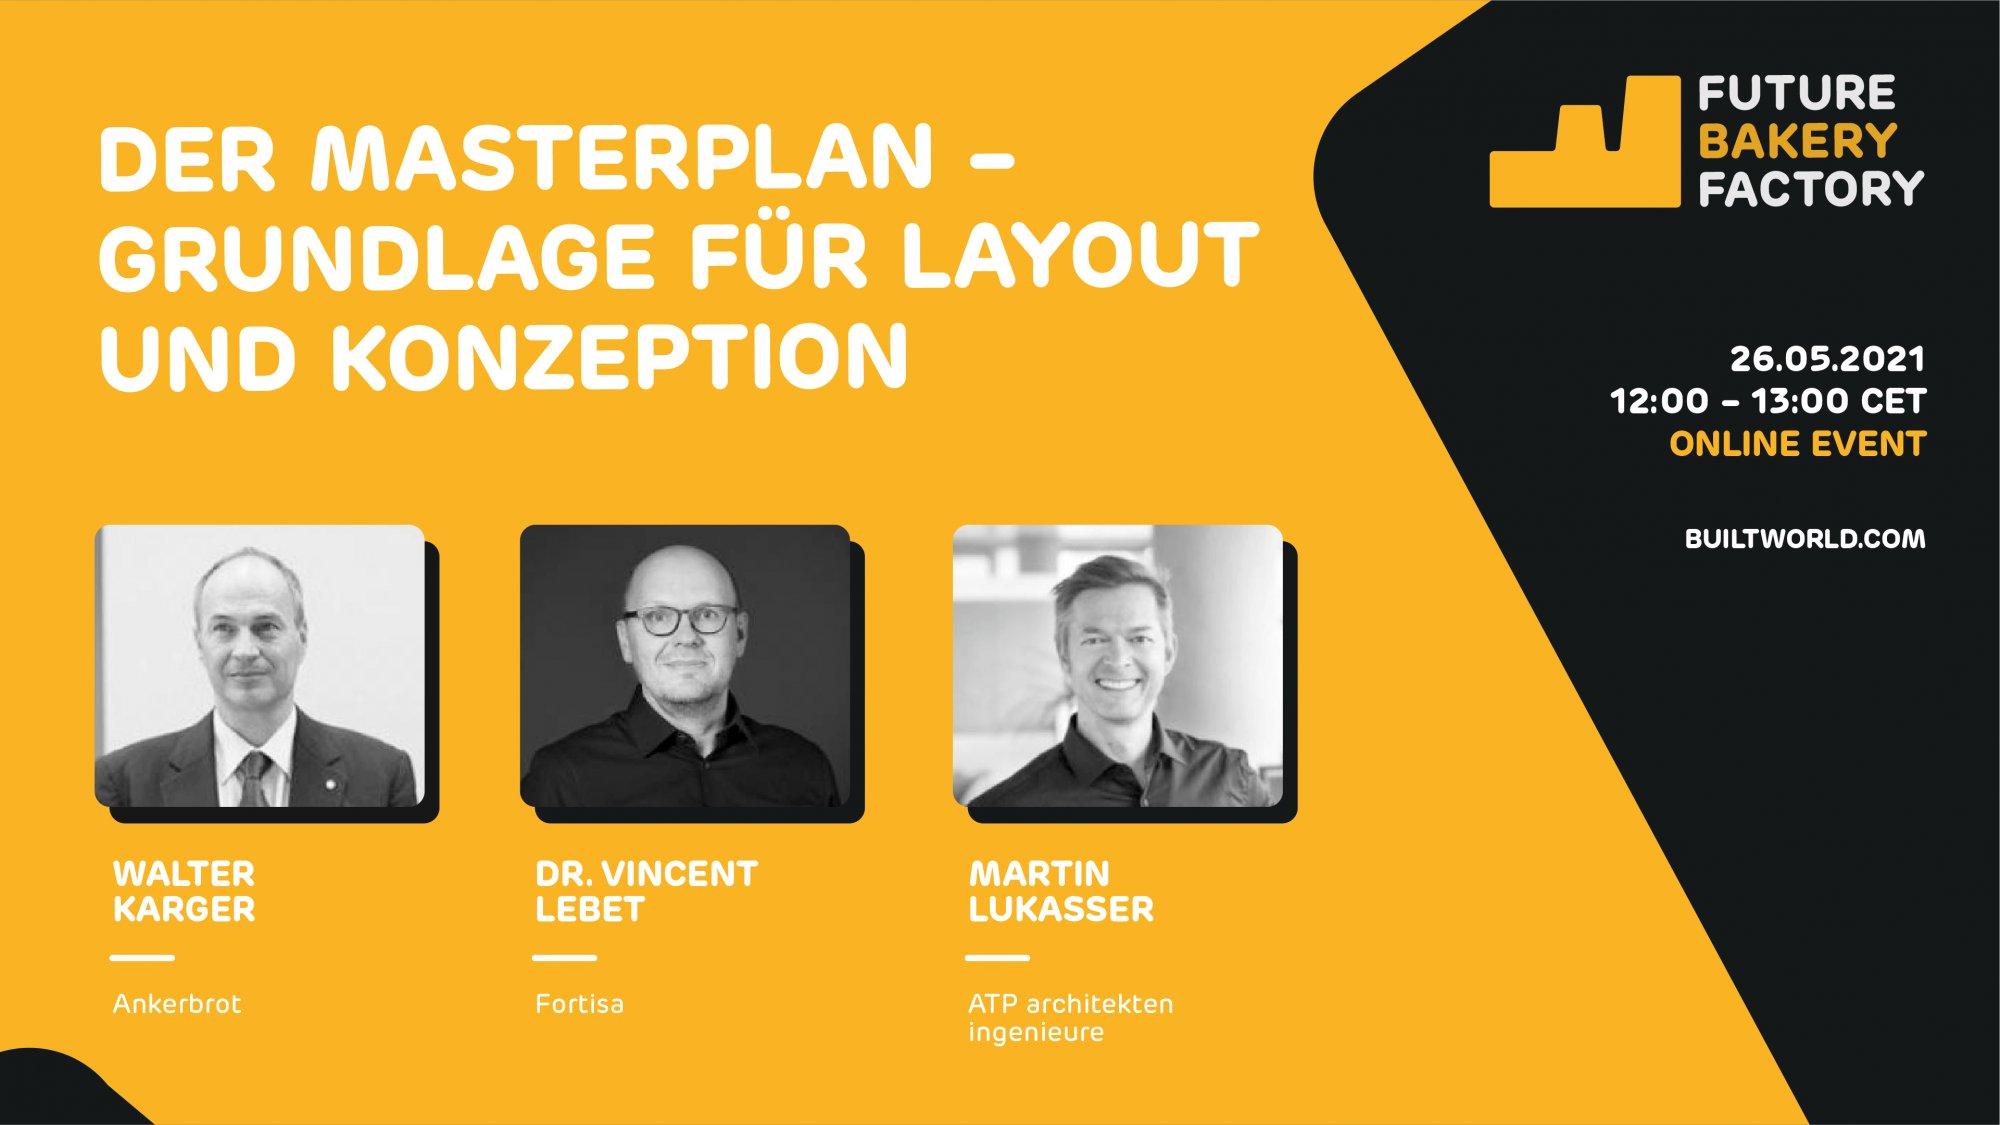 future-bakery-factory-der-masterplan-layout-und-konzeption